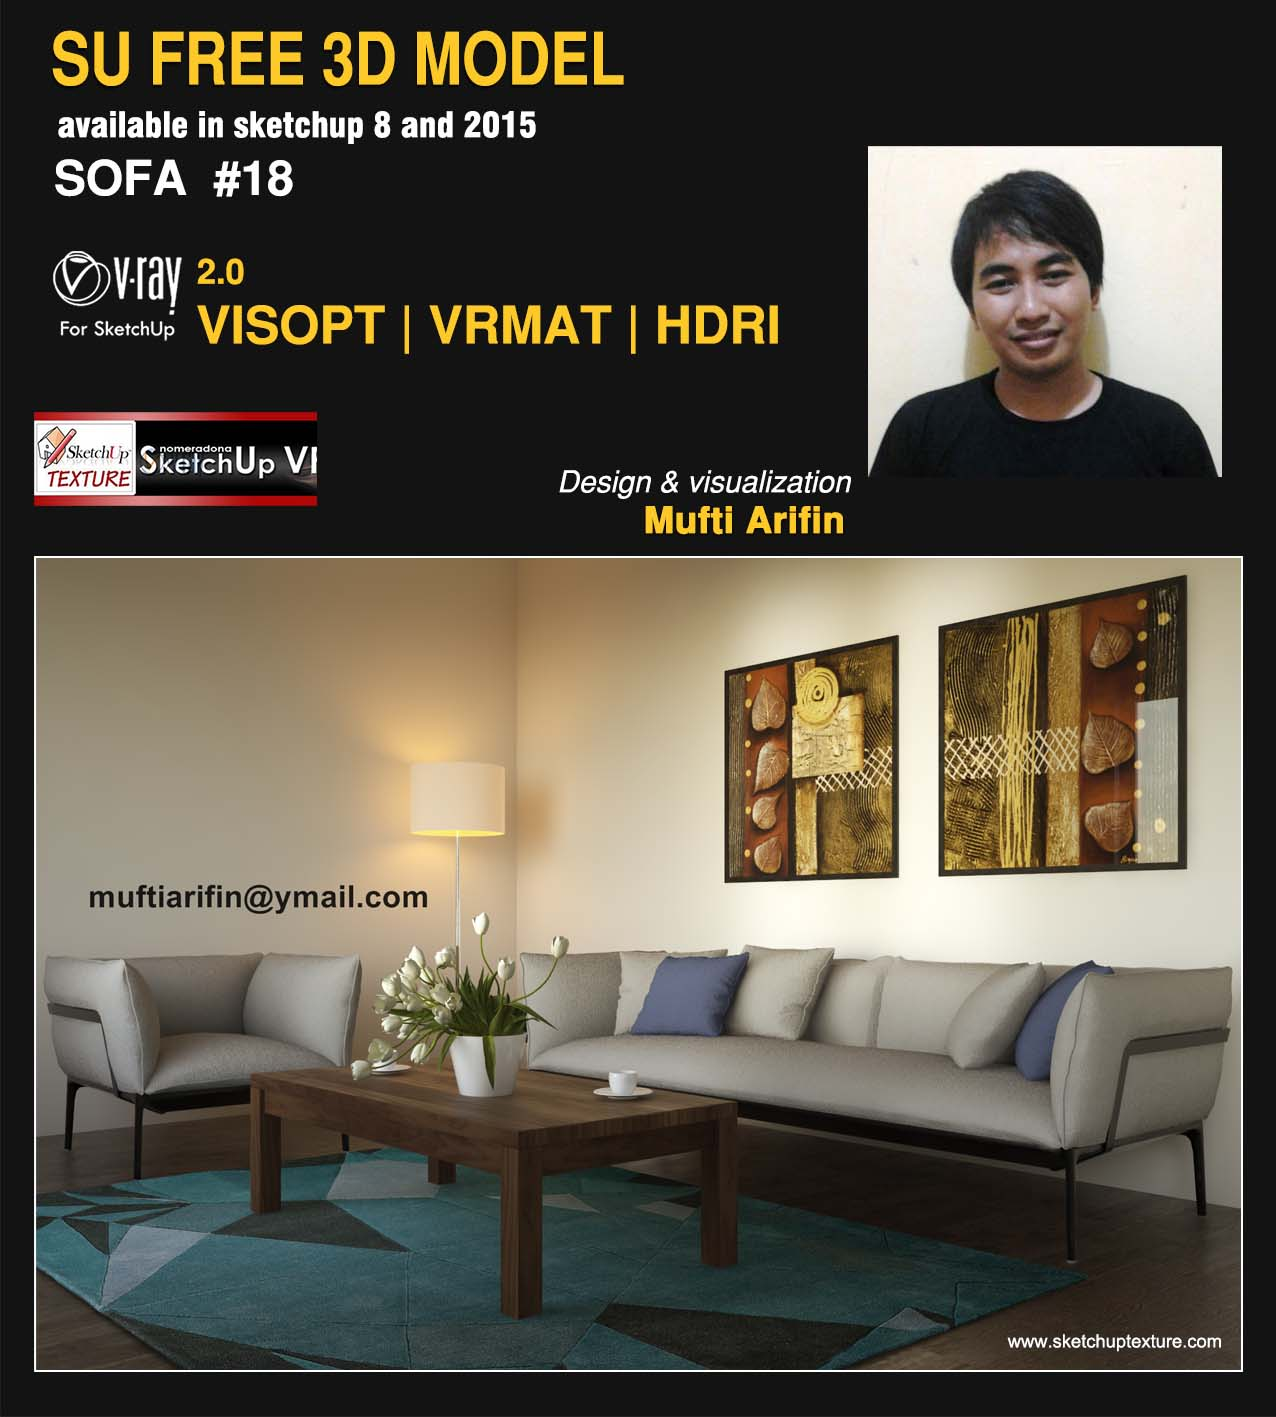 free sketchup model sofa #18 vray 2.0 Visopt interior